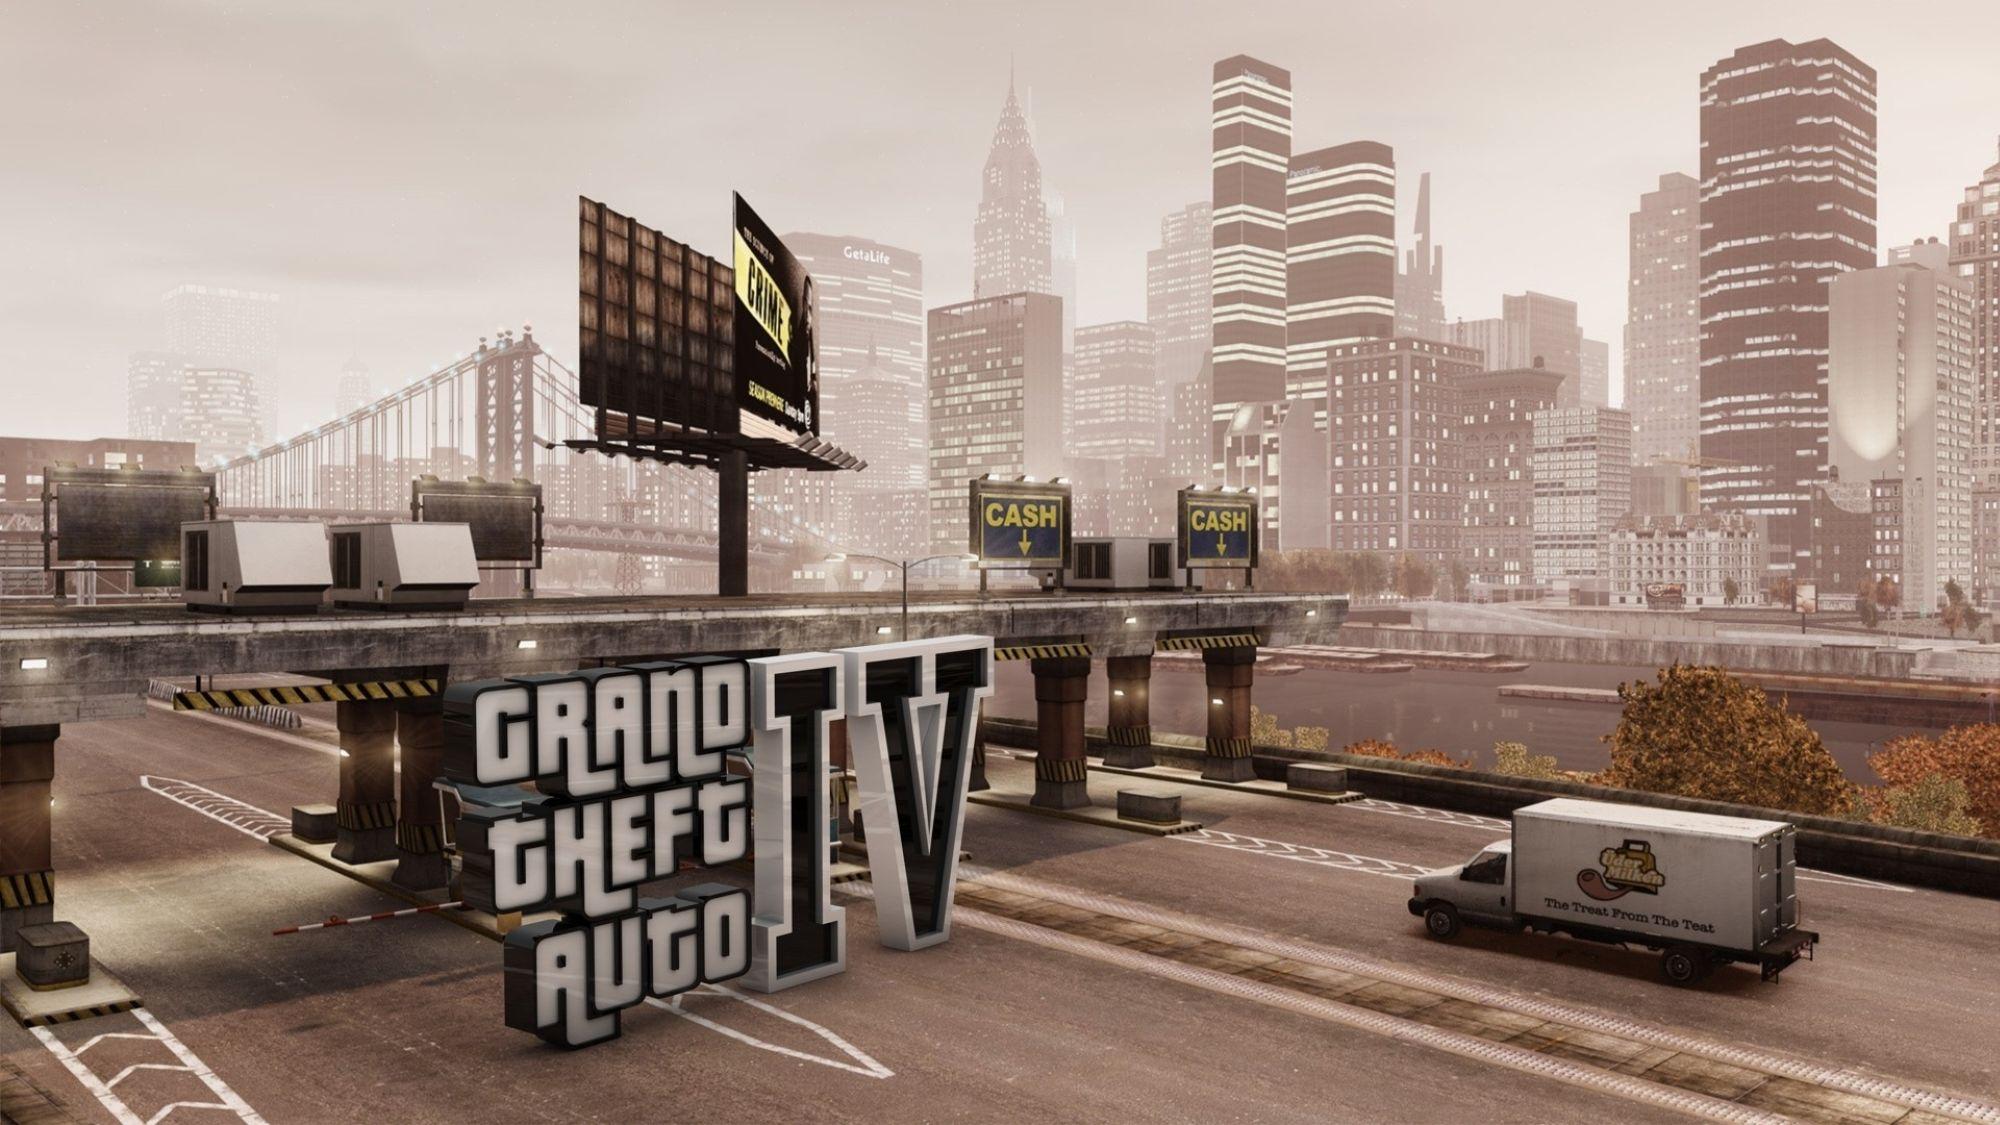 gta_grand_theft_auto_4_city_road_car_15848_3840x2160